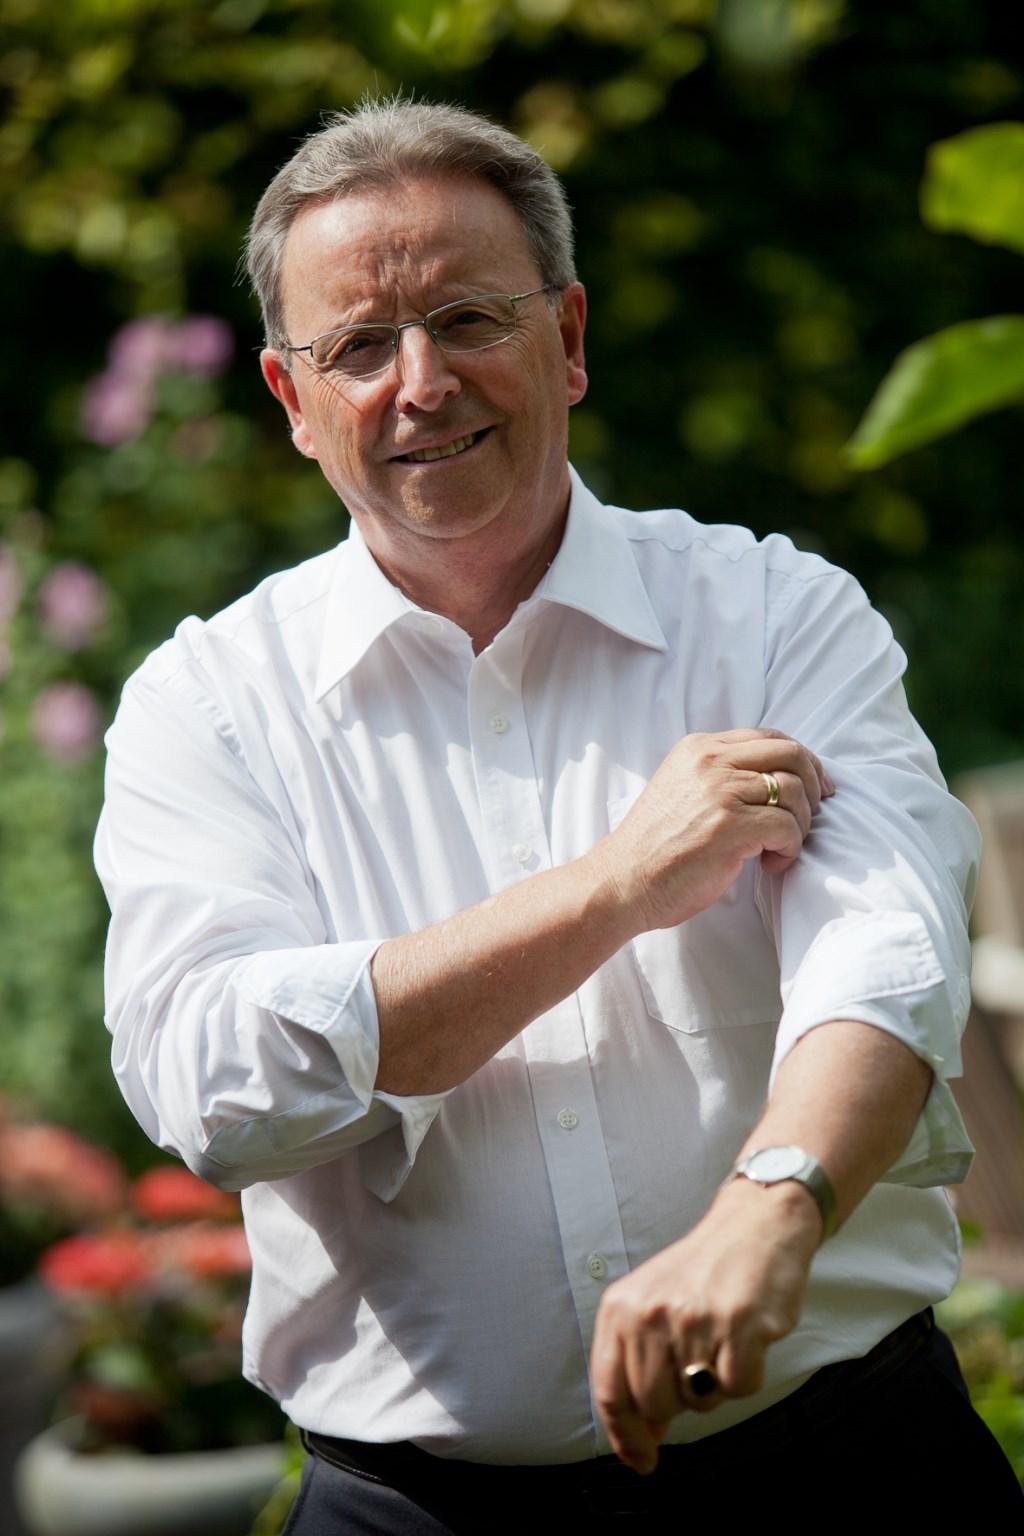 Plv. voorzitter IKB Rinus Smet stroopt alvast de mouwen op voor een duurzaam ondernemend Berkelland.Foto: Guido Bogert Fotografie